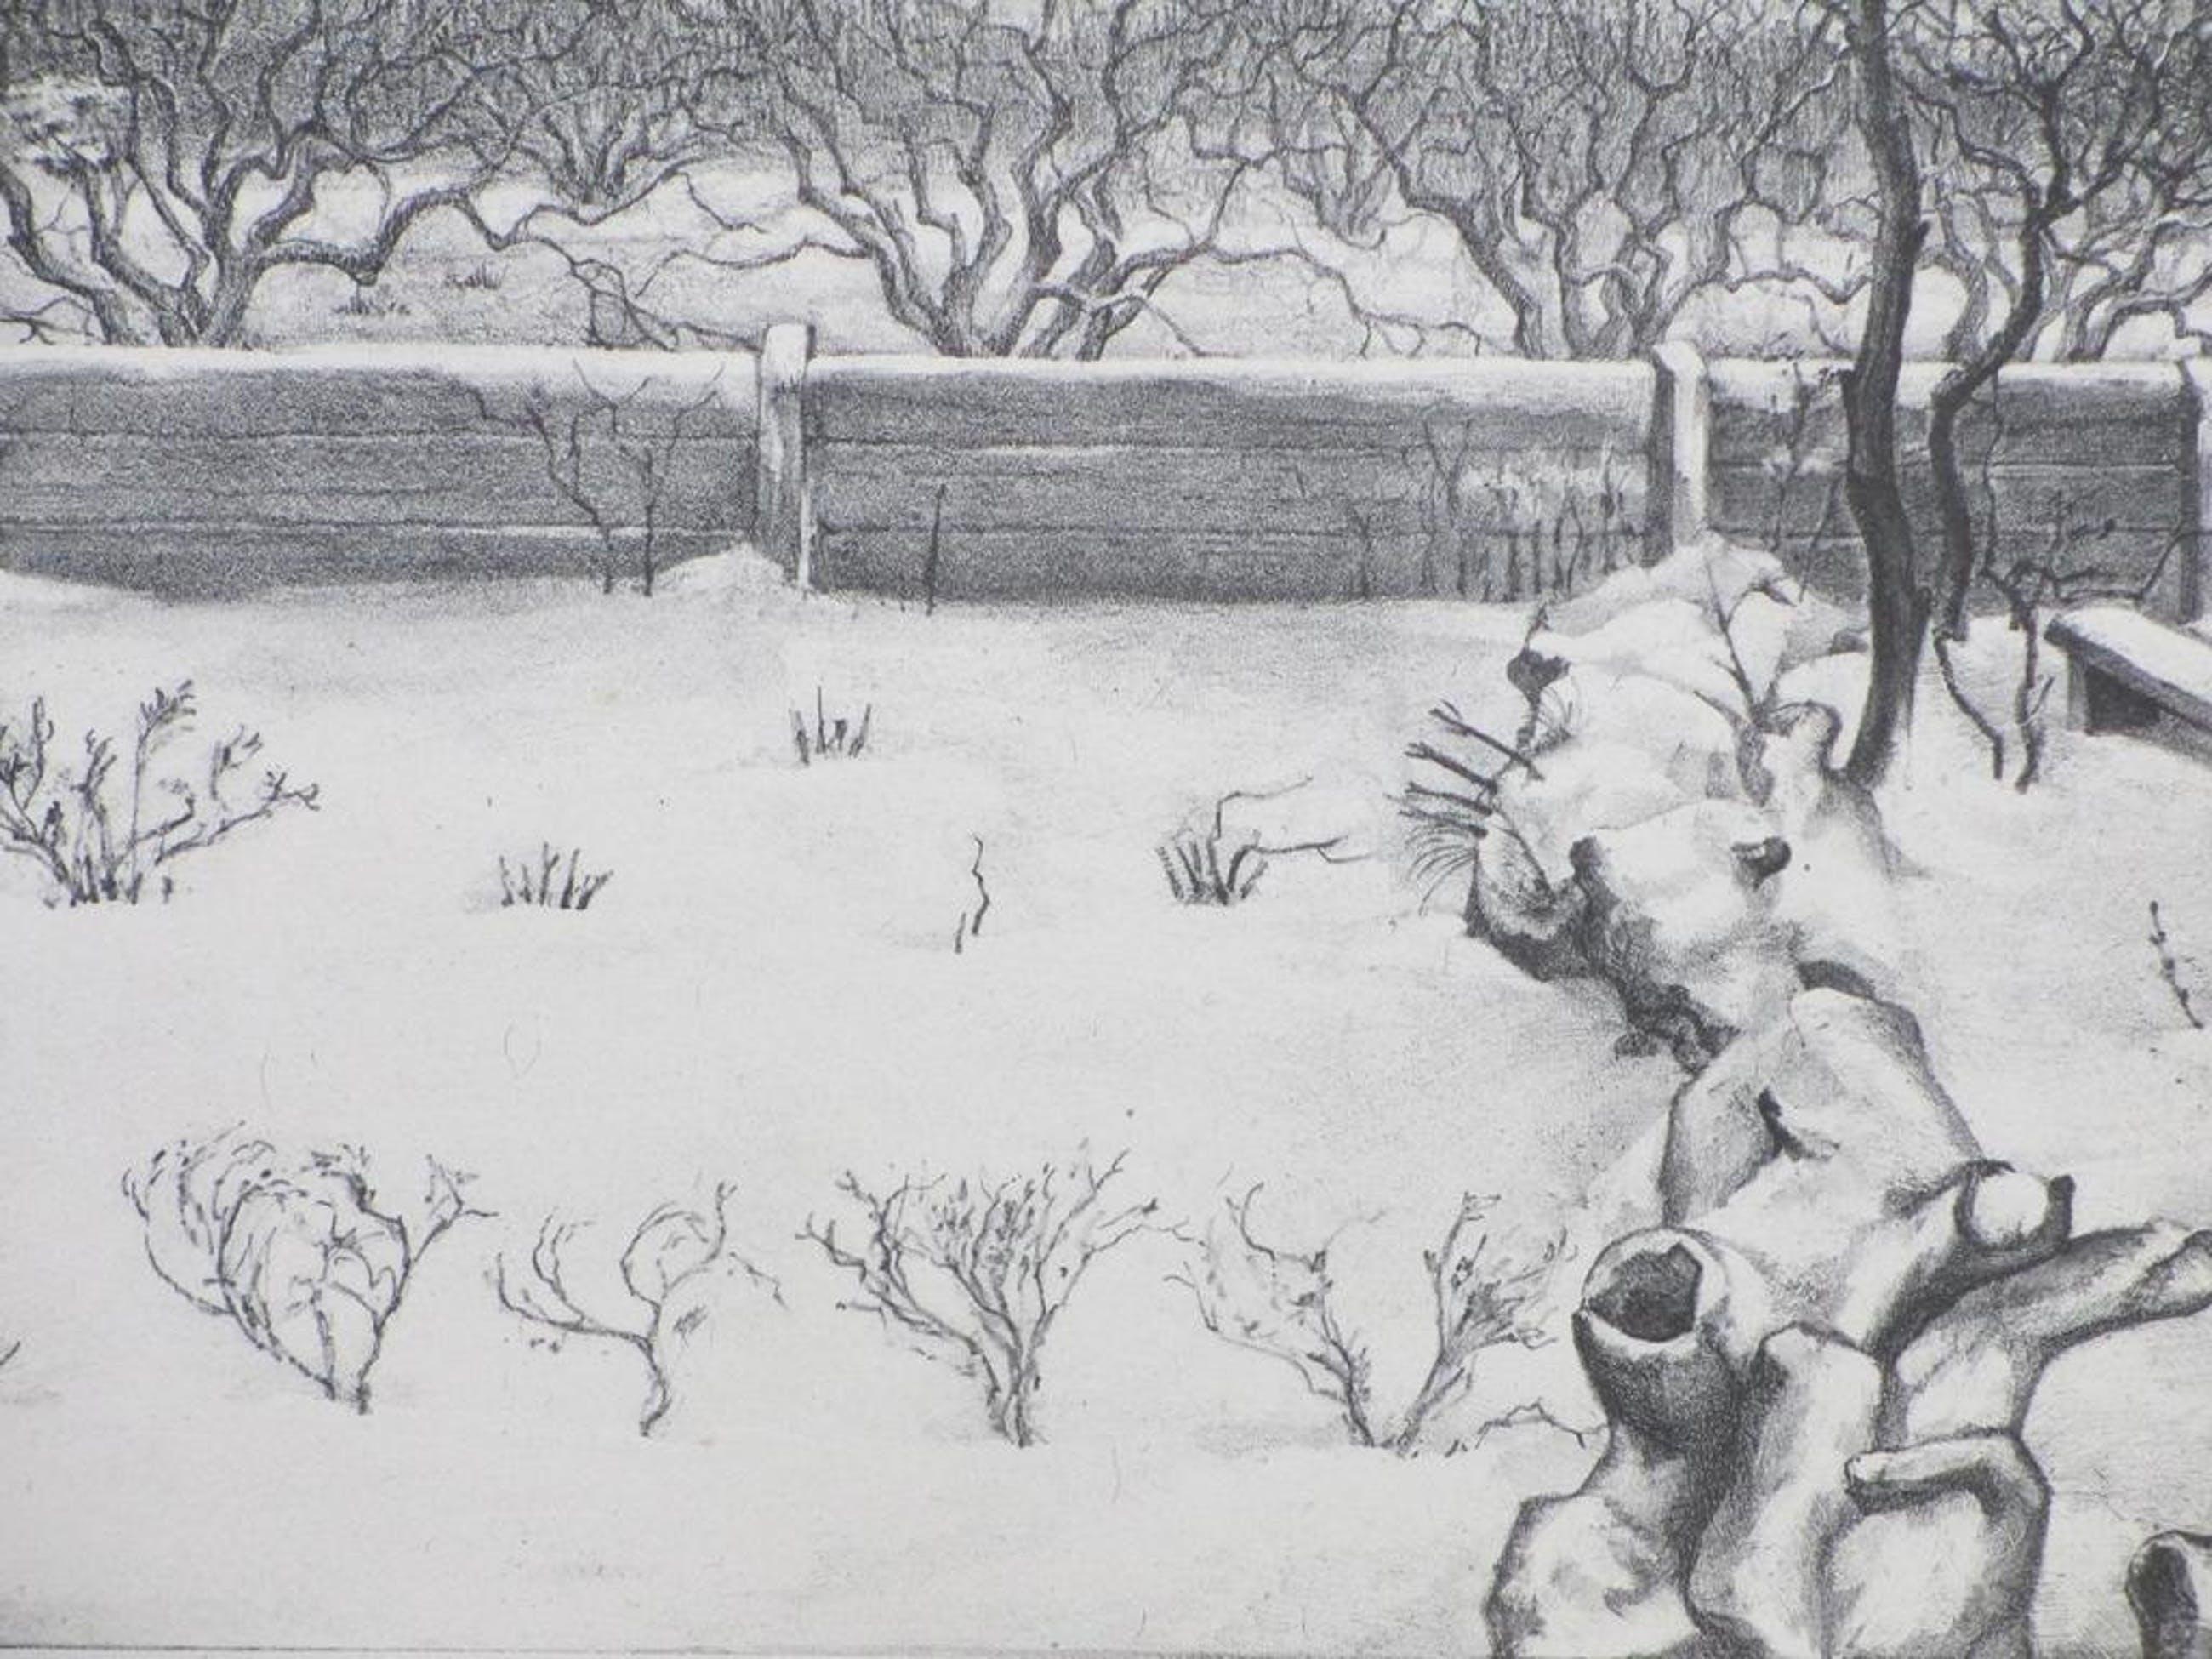 Aart van Dobbenburgh, Tuintje in sneeuw, Litho 1930 kopen? Bied vanaf 60!